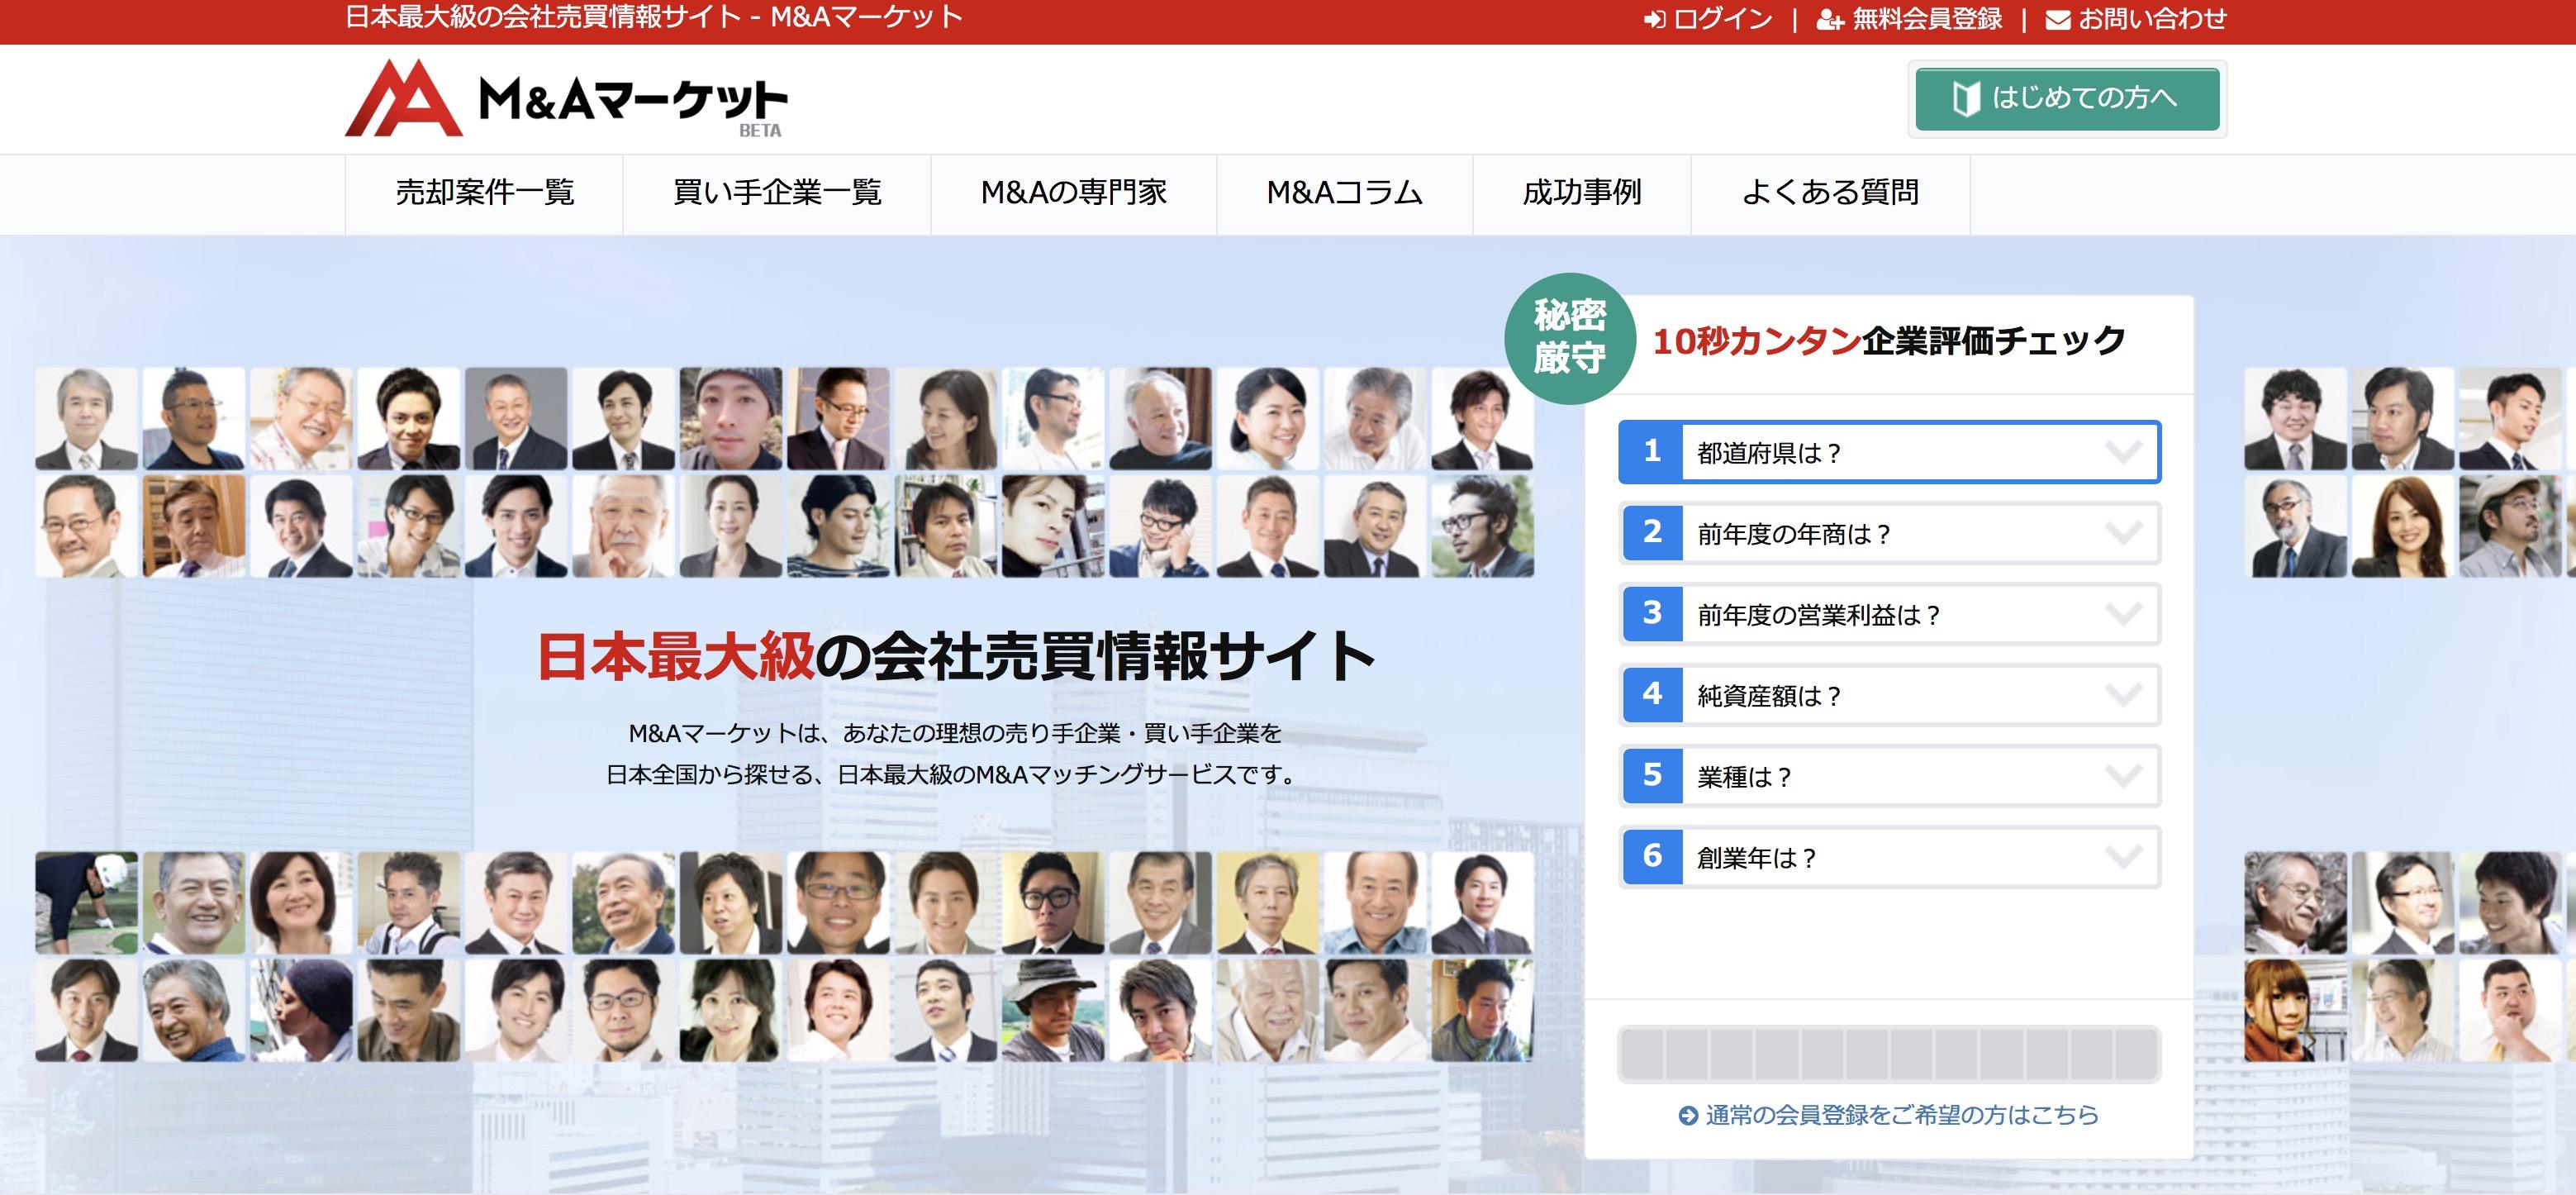 M&Aマーケット(日本最大級のM&Aマッチングサイト)